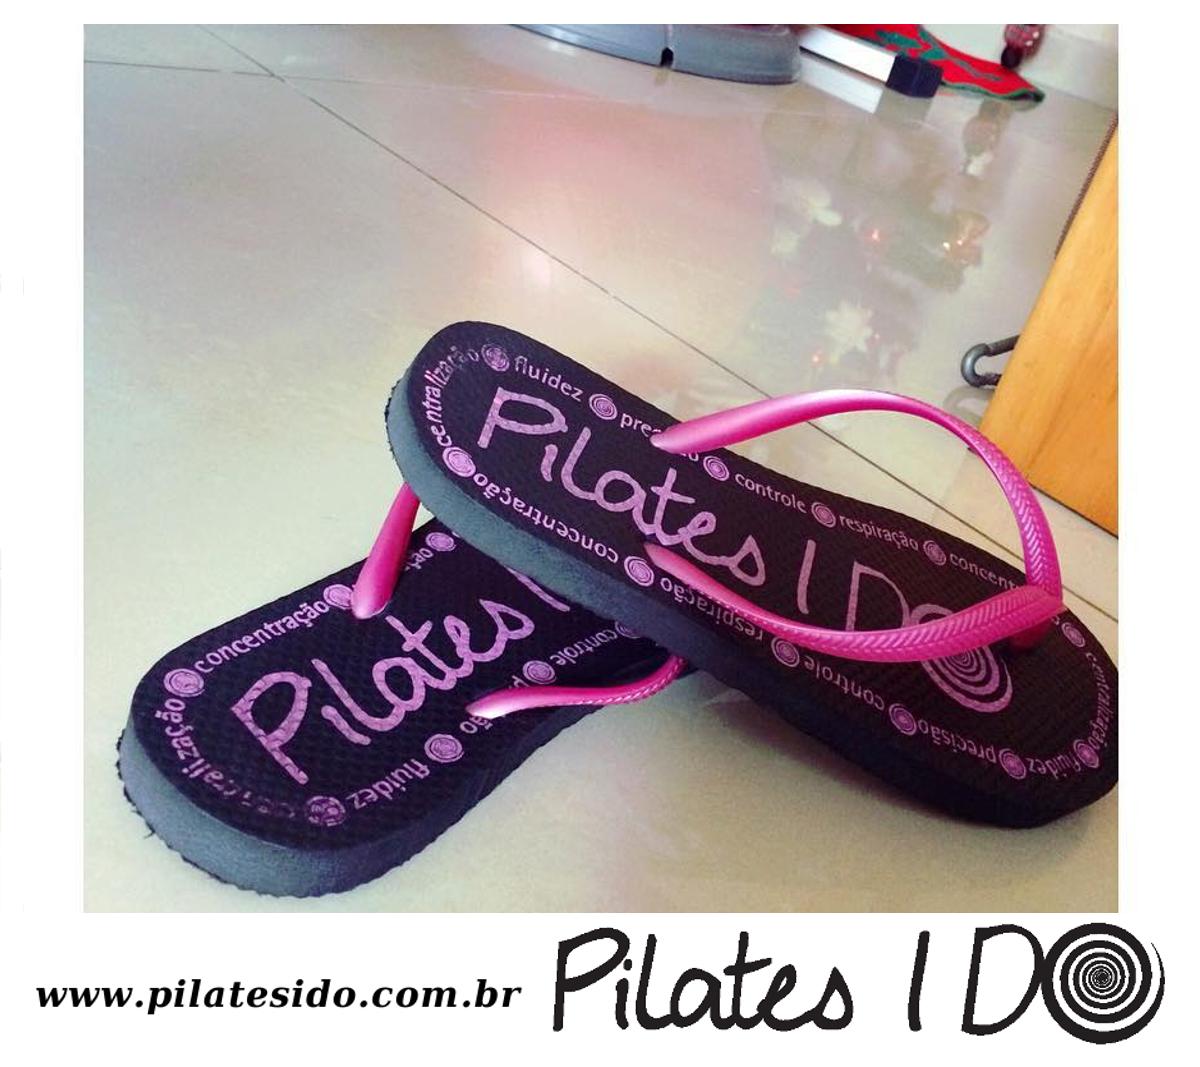 A Pilates I DO pensa em você todas as horas, inclusive na hora de terminar a aula e ir pra casa. Confira nossas sandálias! #pilates